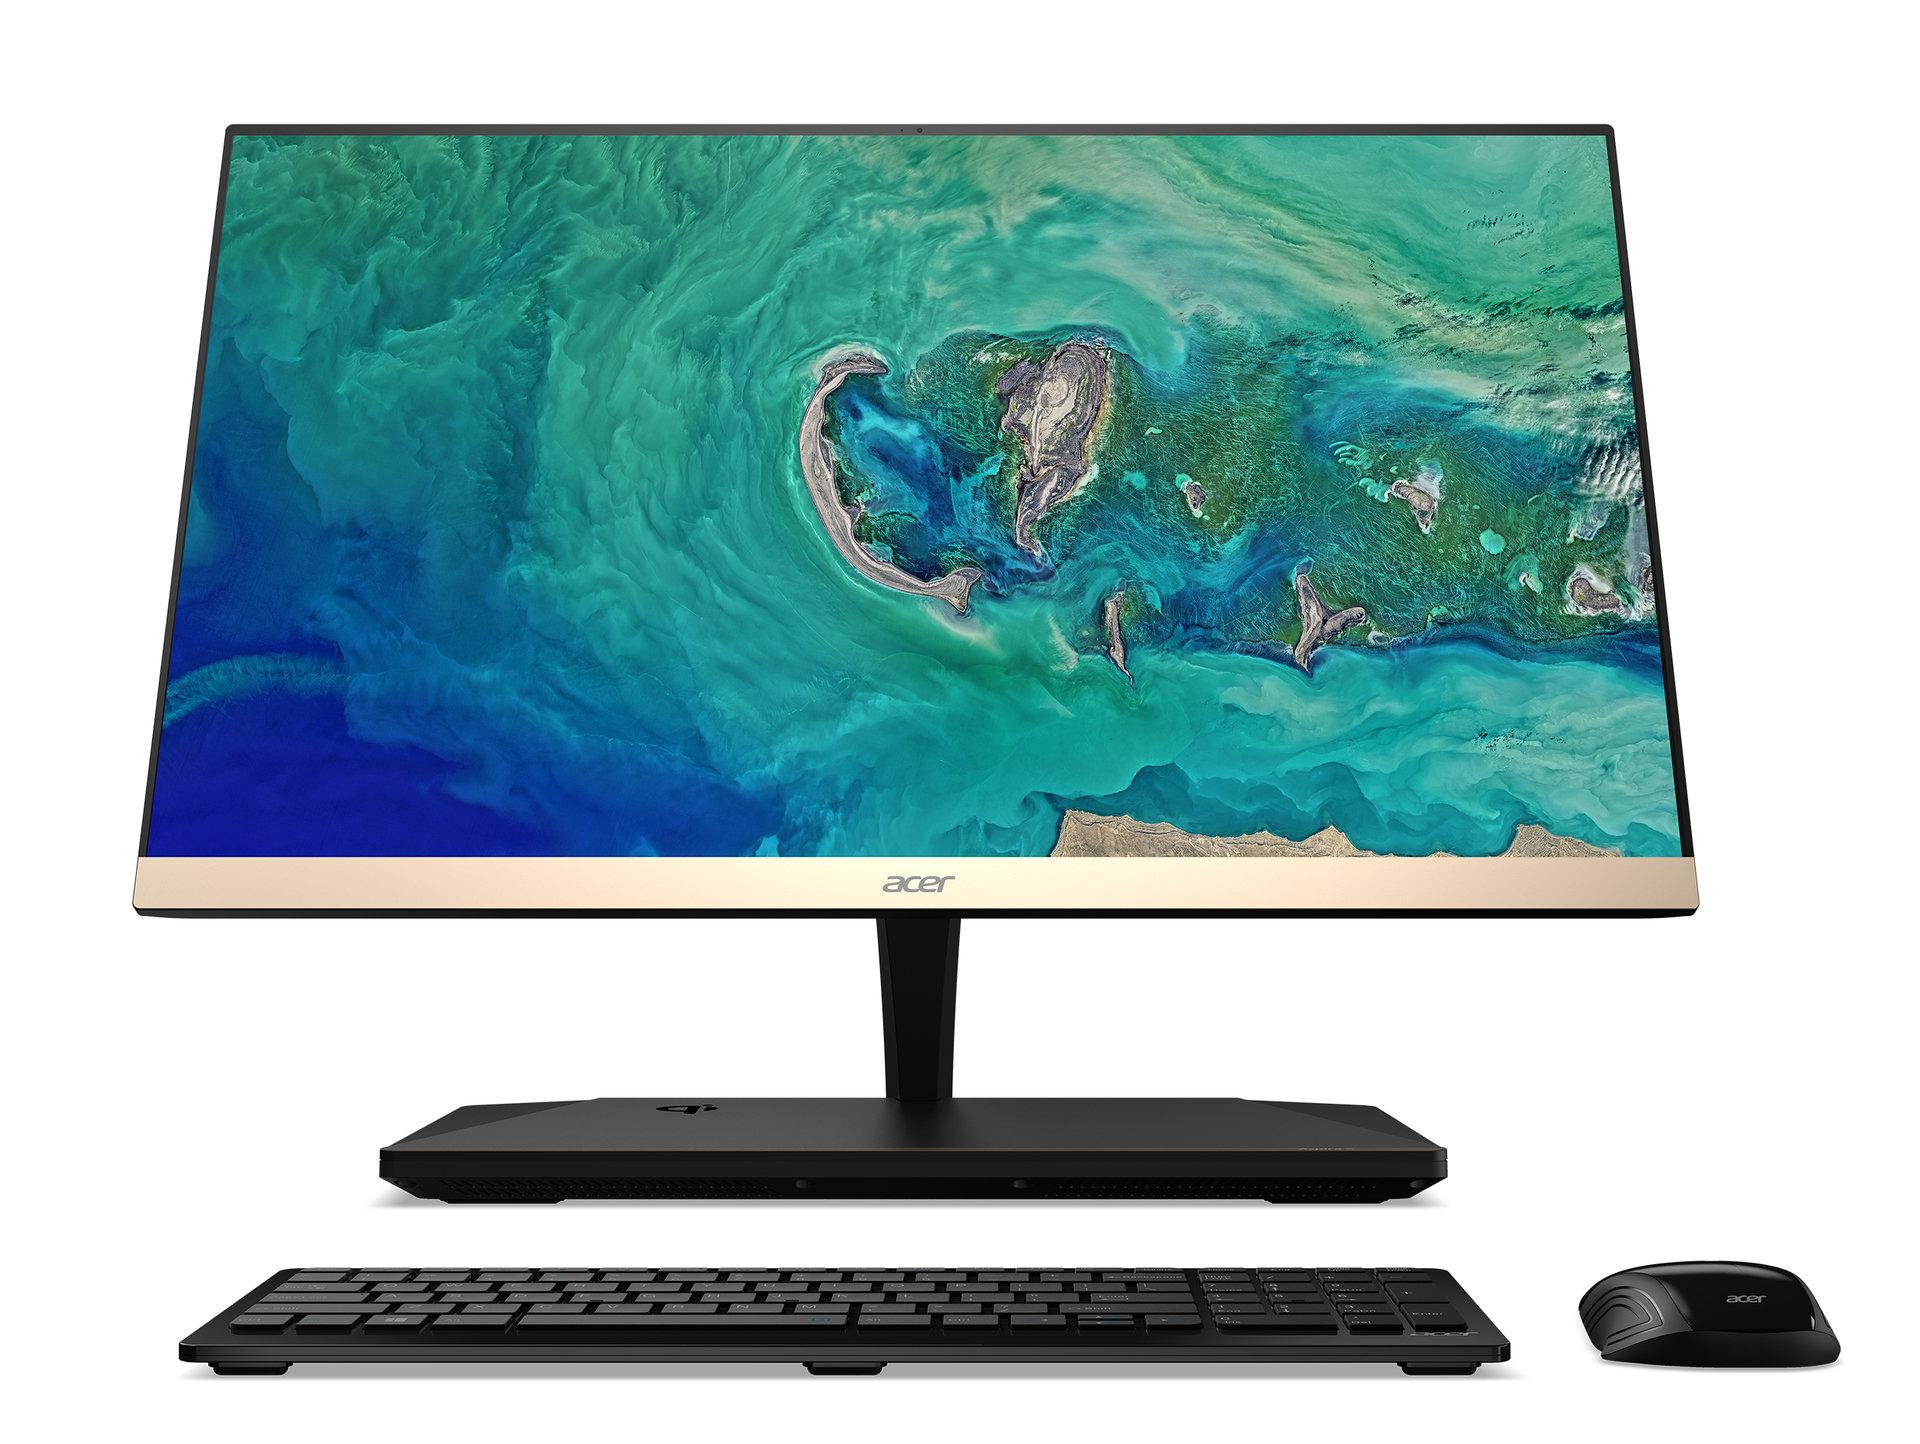 Acer przedstawił Aspire S24, najsmuklejszy All-in-One